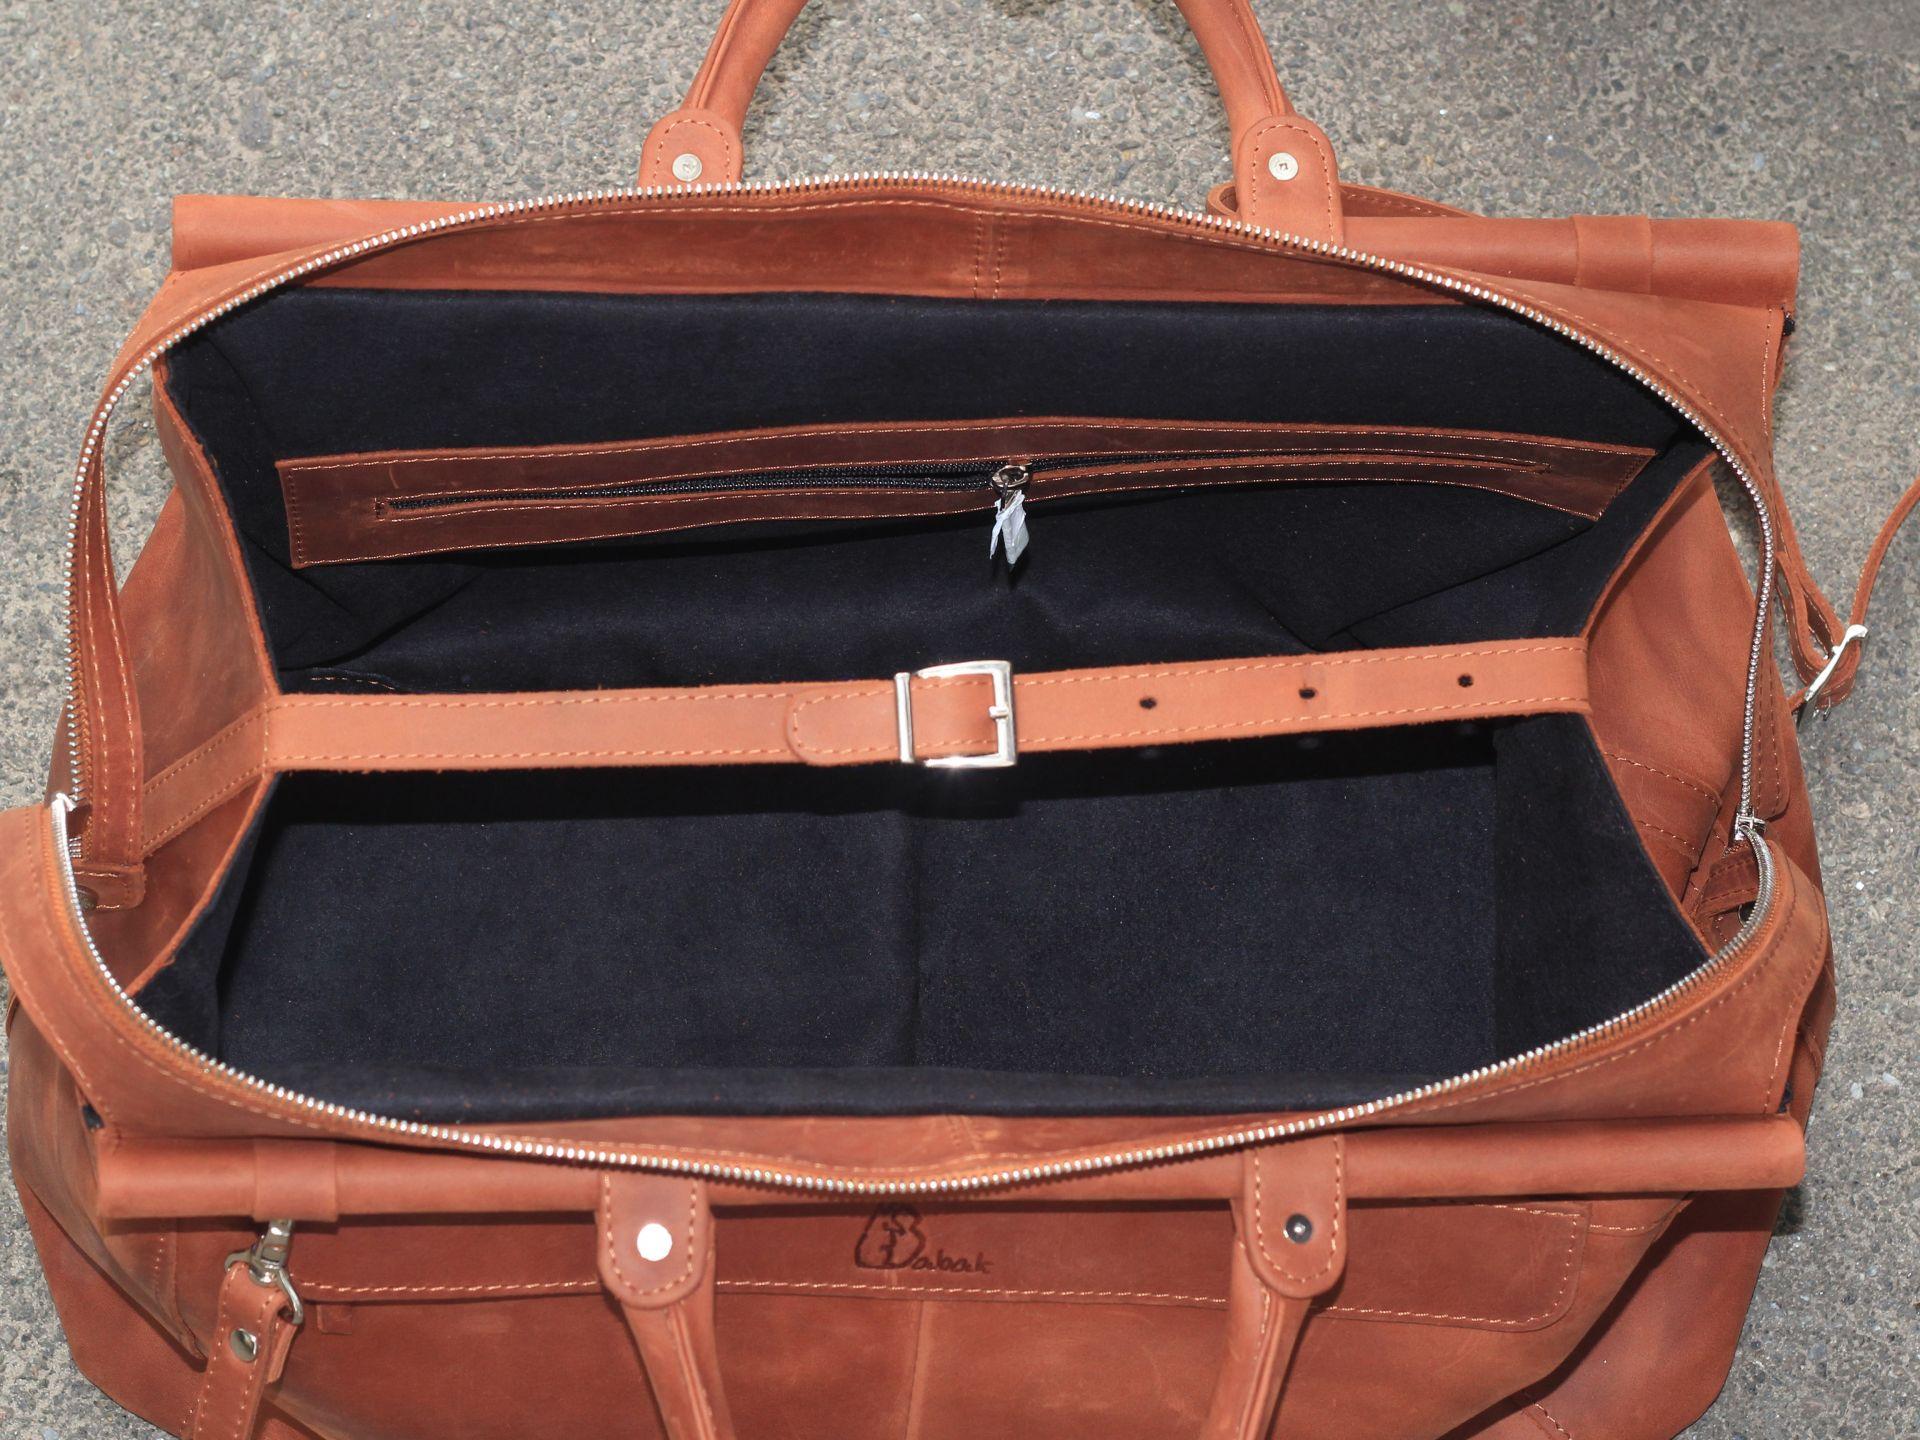 d2257b71f1e2 Кожаный классический вместительный саквояж Sb1995 – купить дорожные ...